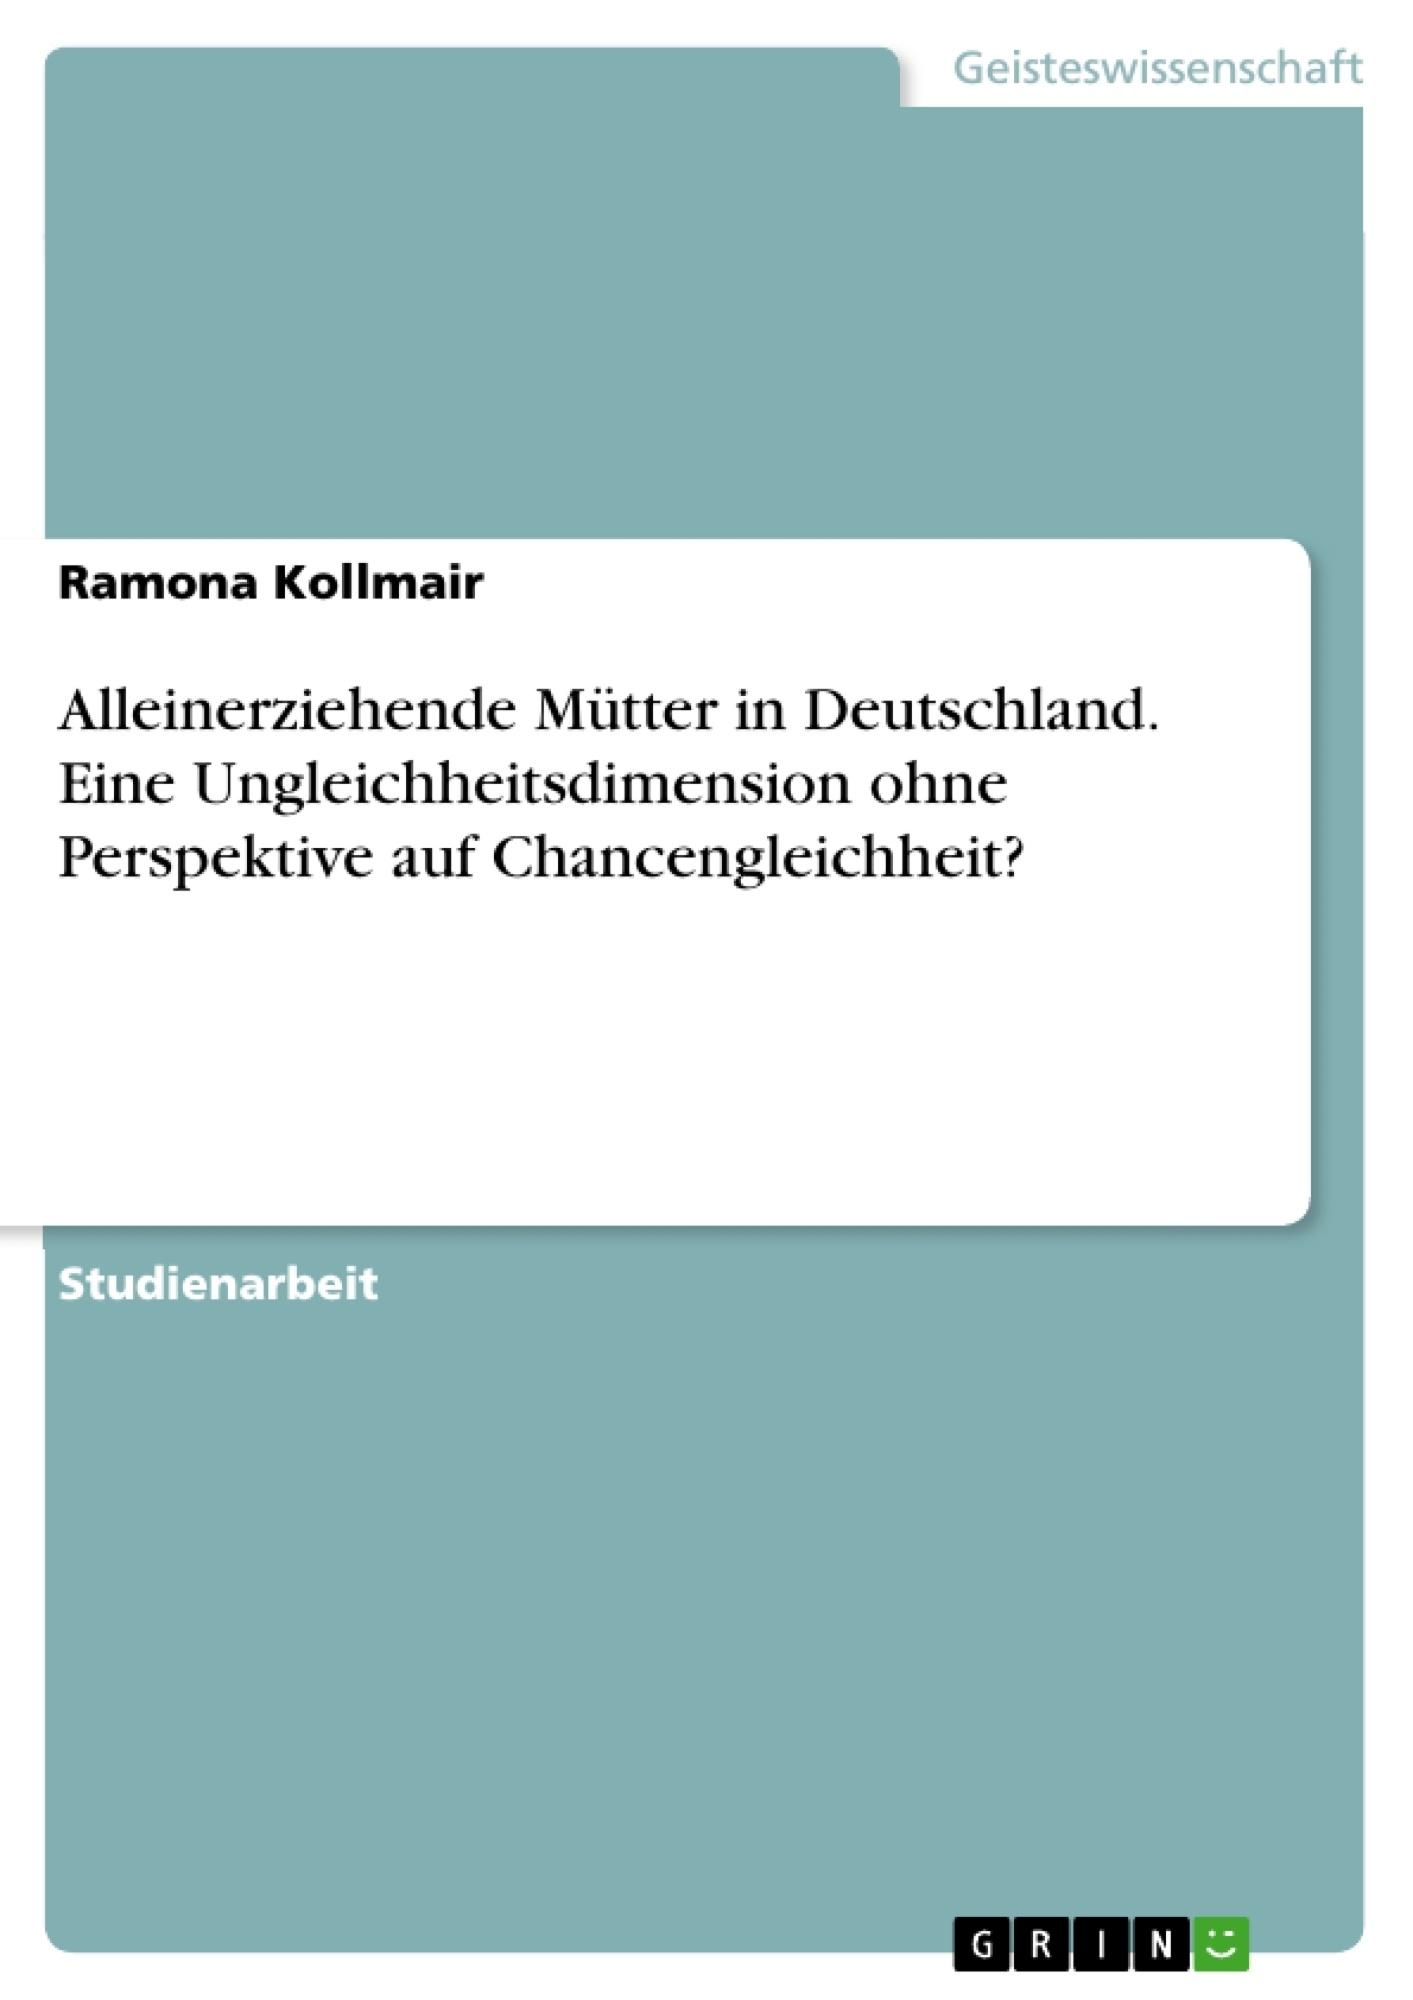 Titel: Alleinerziehende Mütter in Deutschland. Eine Ungleichheitsdimension ohne Perspektive auf Chancengleichheit?